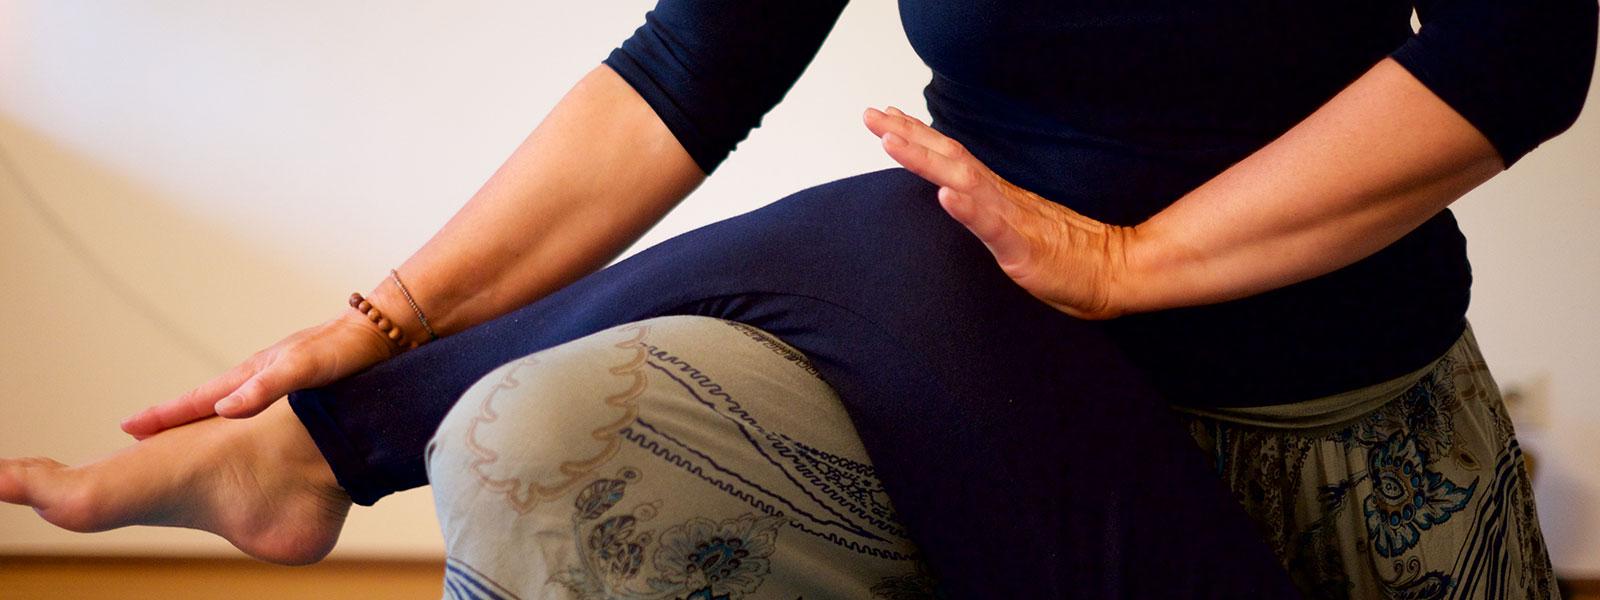 Handballendruck auf Kniebereich mit sanftem Ausrichten - Thai Yoga Massage in Bad Säckingen mit Annette Kunkel.